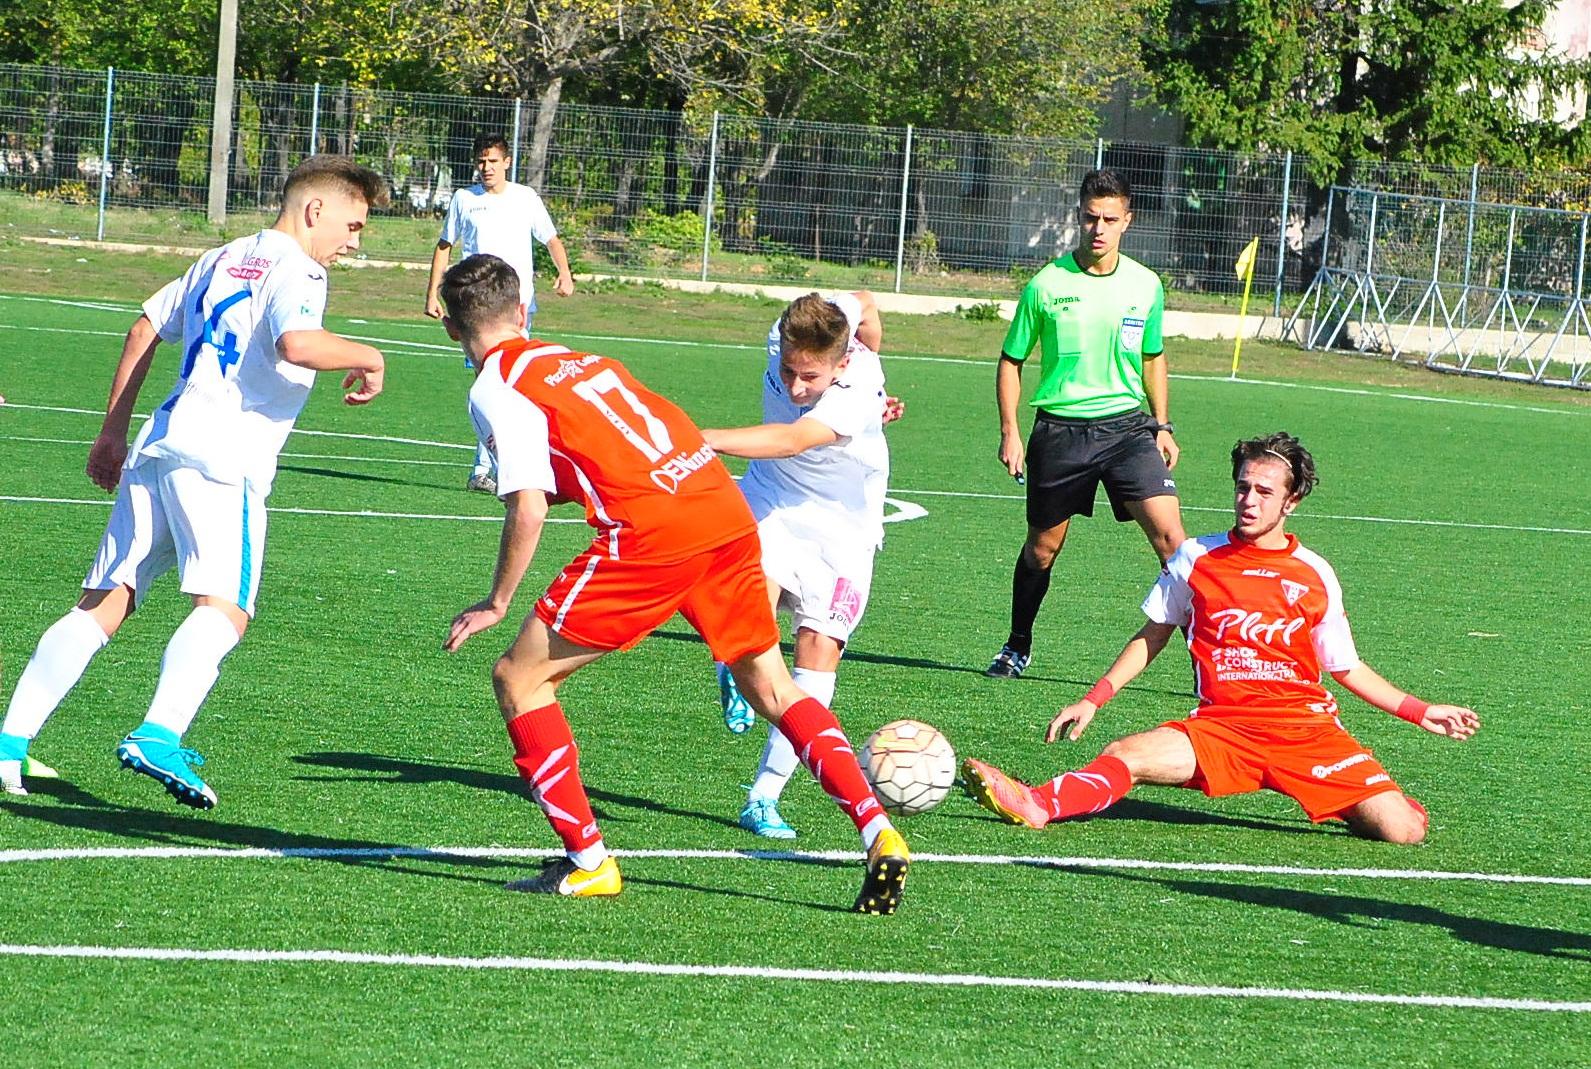 Cupa României – U17: CSU, deplasare la Arad